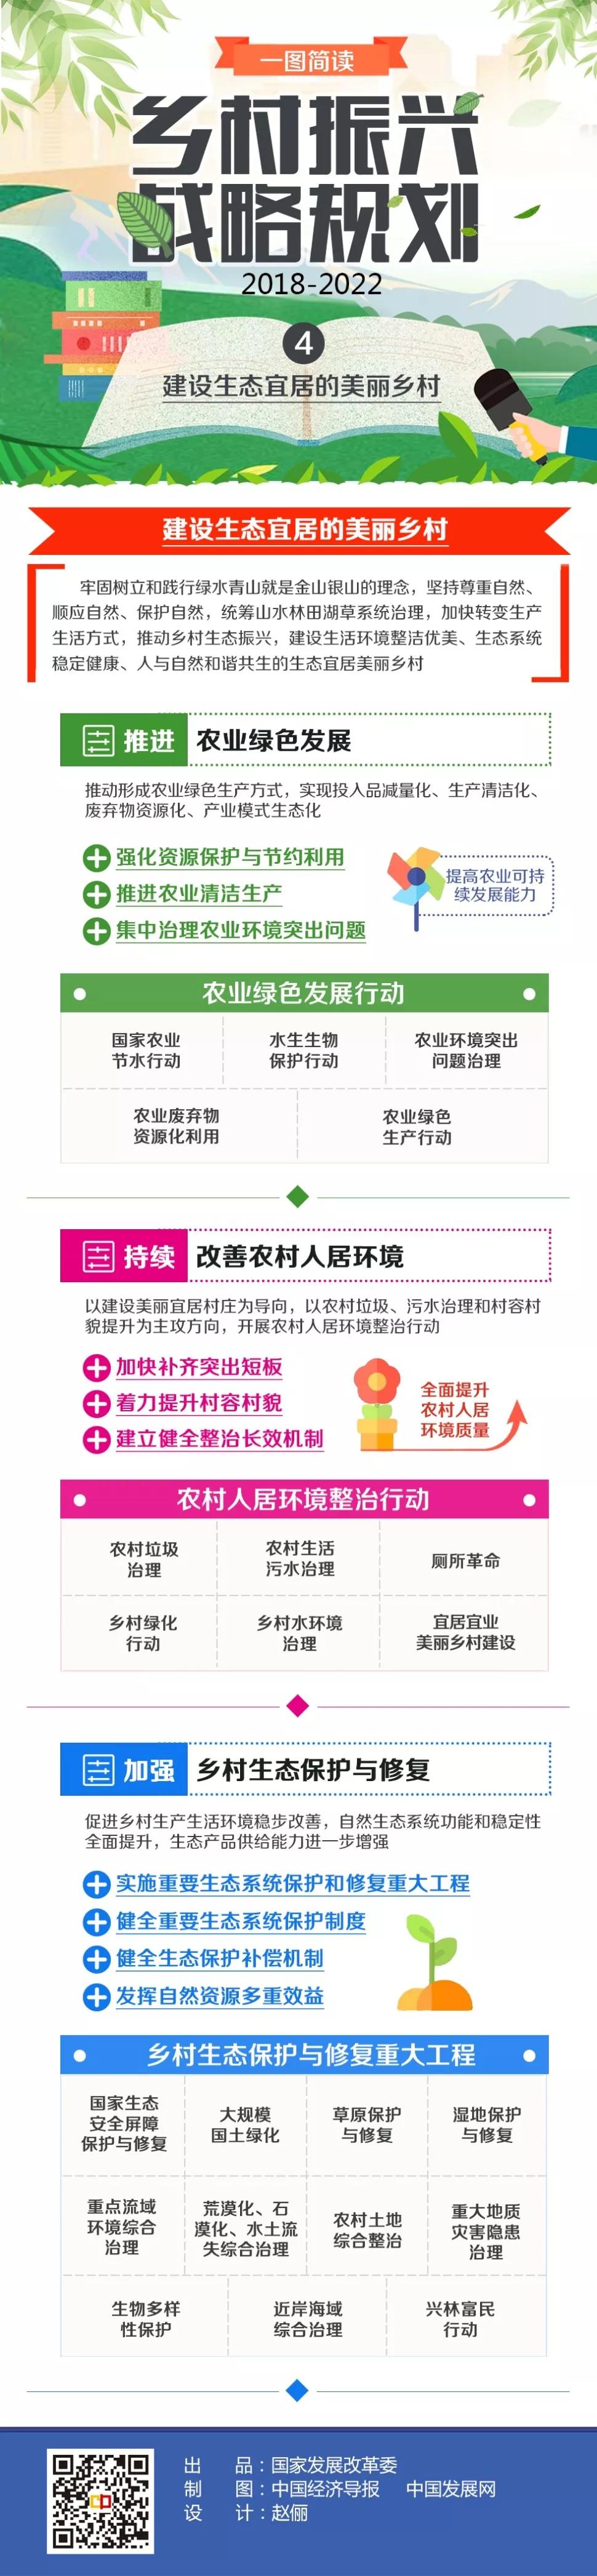 乡村振兴战略规划(2018—2022年)系列图解之四